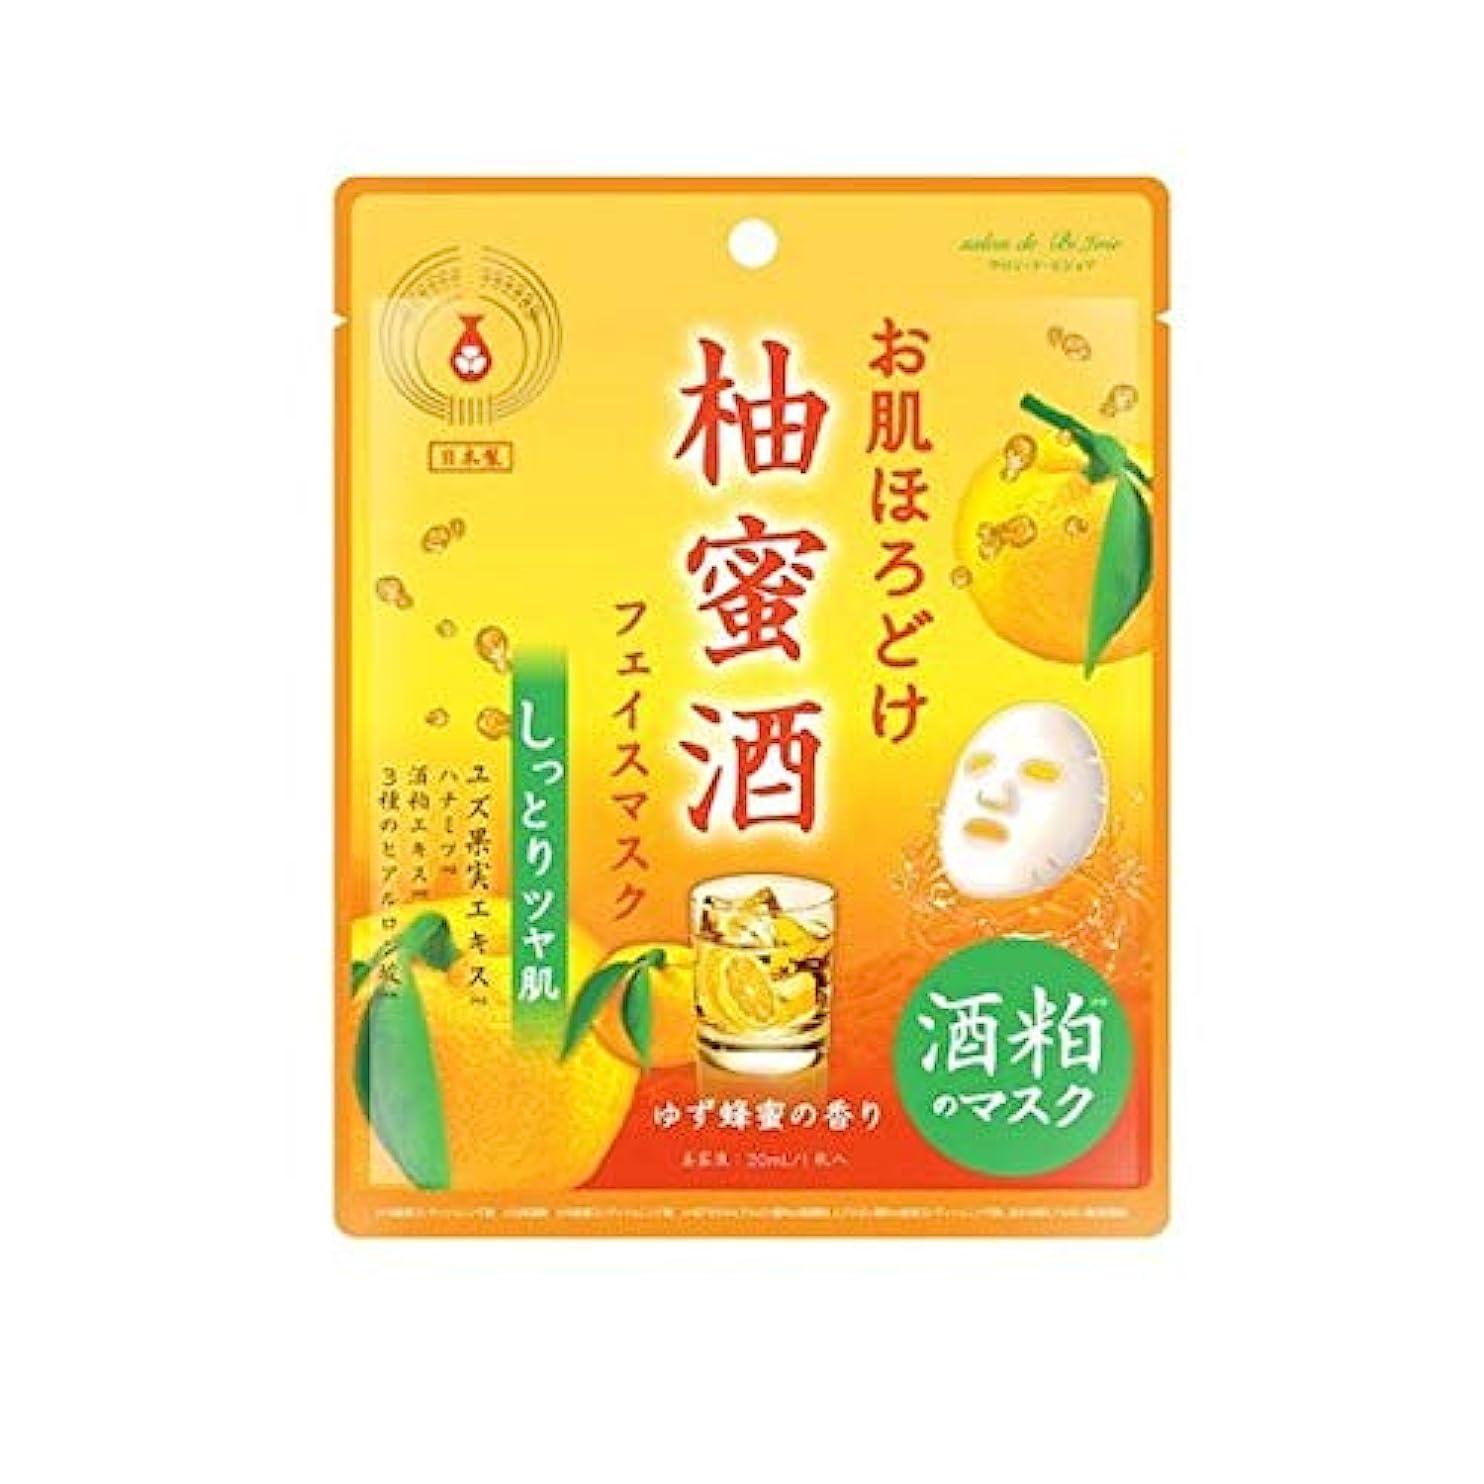 ニッケルボウル騒乱BJお肌ほろどけフェイスマスク 柚蜜酒 HDM202 日本製 ゆず蜂蜜の香り 美容 ビューティー グッズ フェイス パック マスク しっとり ツヤ 肌 素肌 美人 保湿